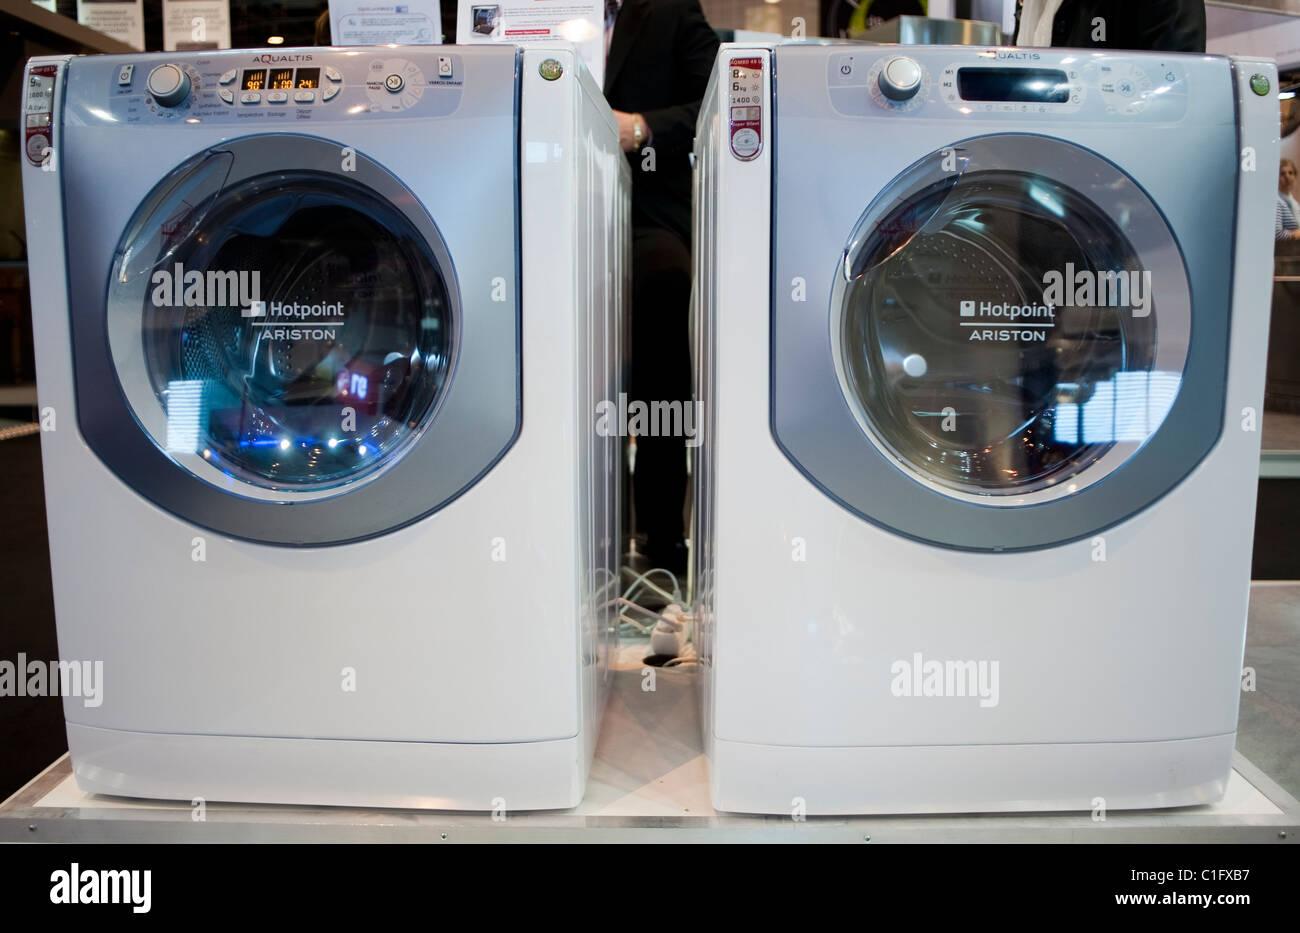 Home Verbesserungen, zuhause Energie sparen Geräte, Hotpoint Ariston ...